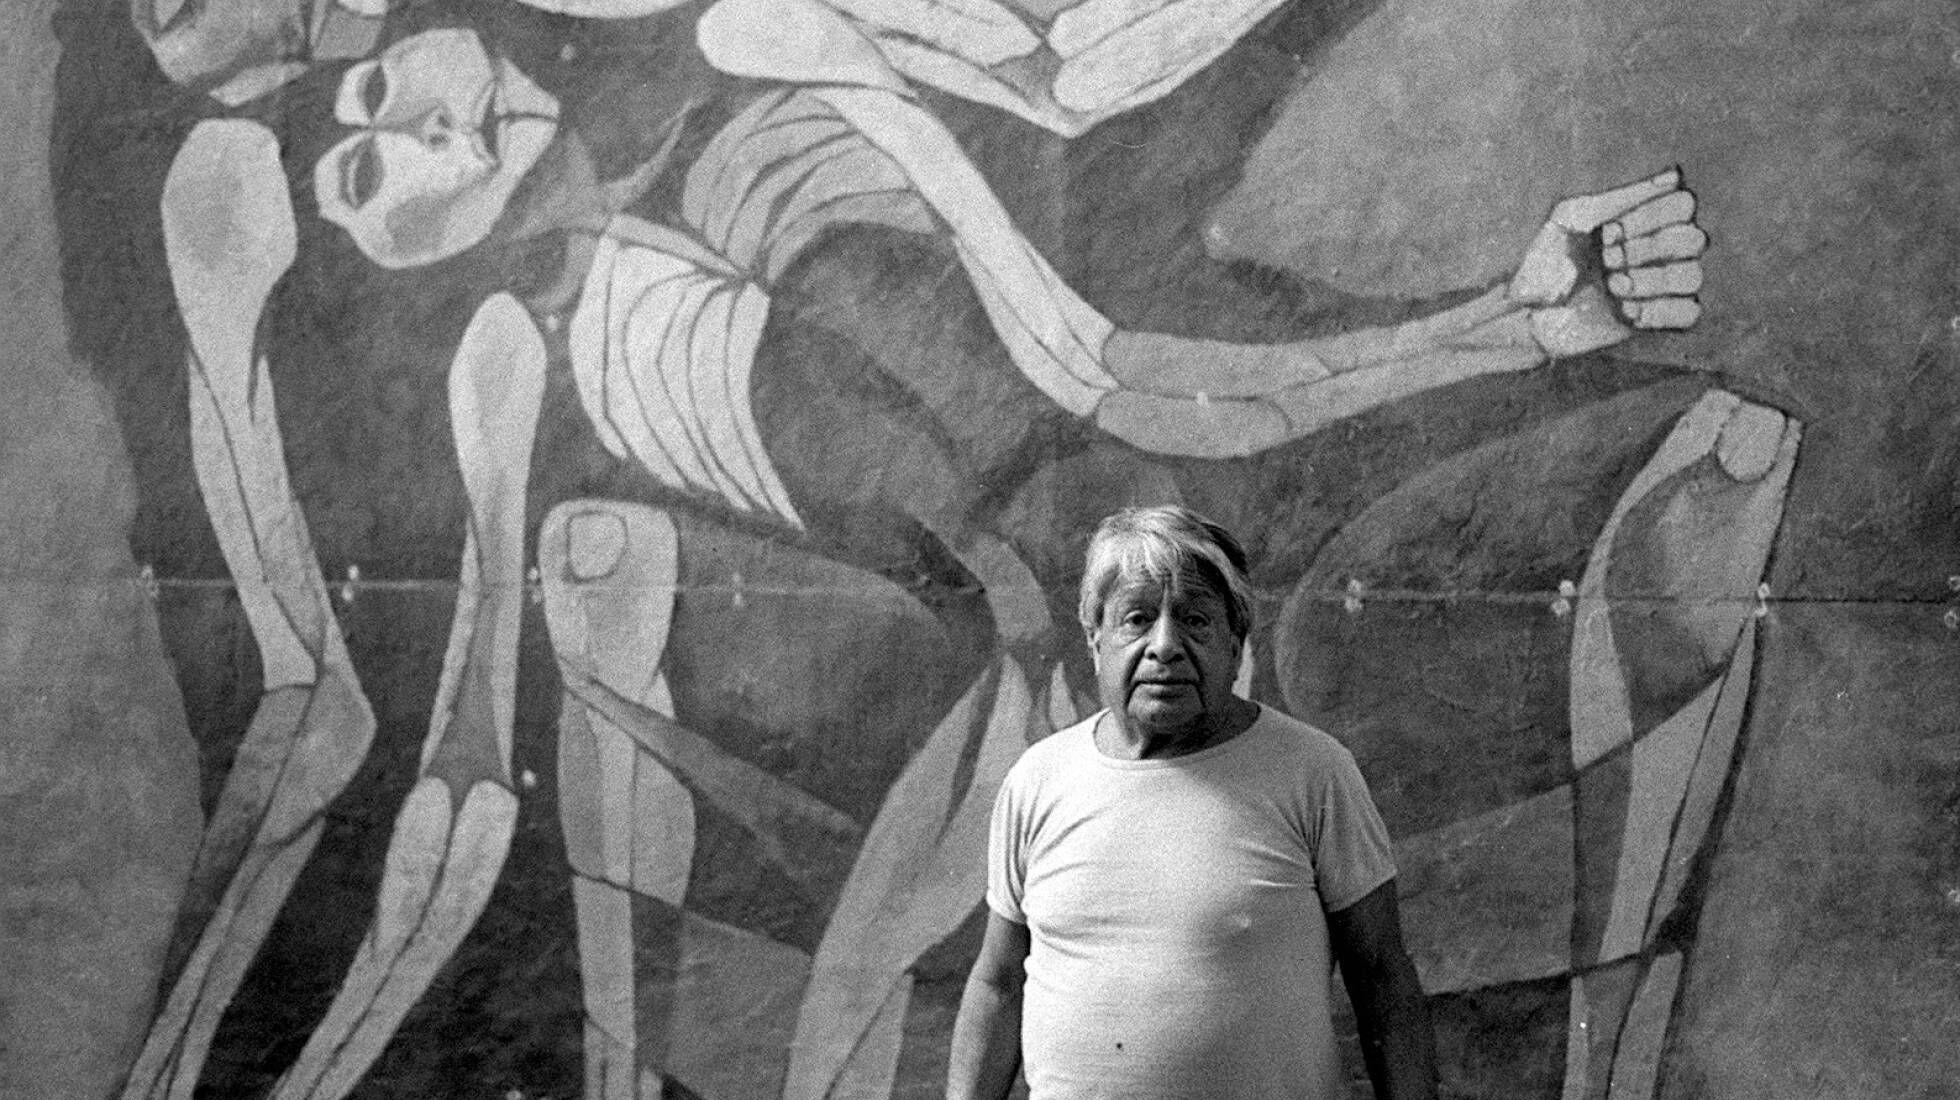 El artista Oswaldo Guayasamín ante un mural que pintó para el Congreso de Ecuador en 1988.